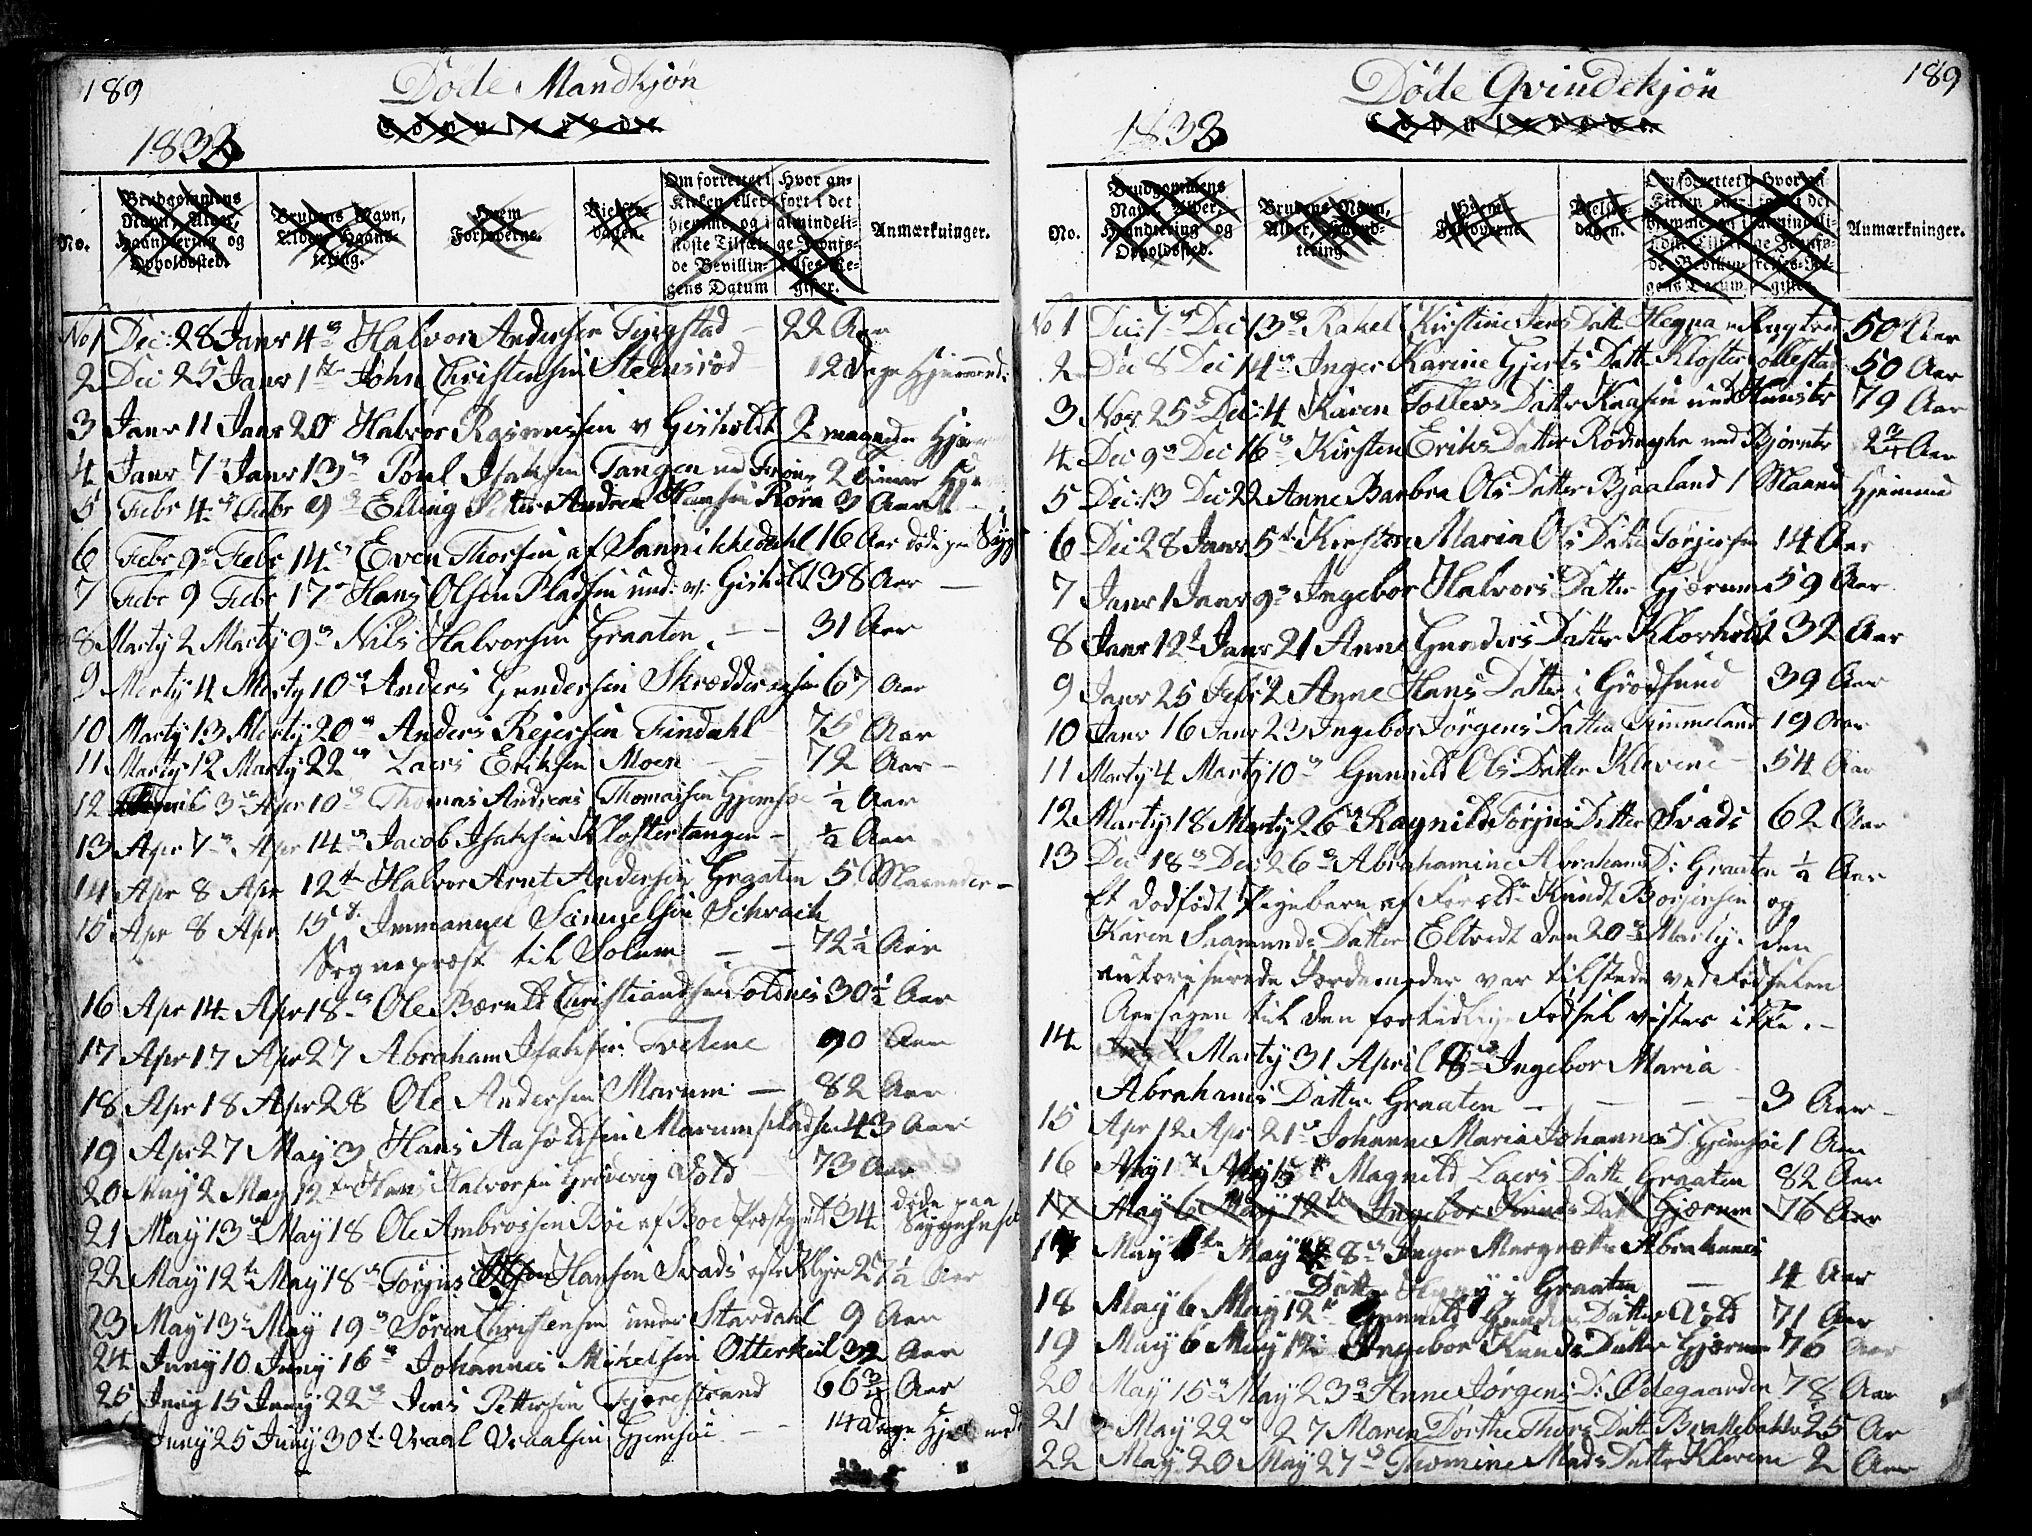 SAKO, Solum kirkebøker, G/Ga/L0001: Klokkerbok nr. I 1, 1814-1833, s. 189